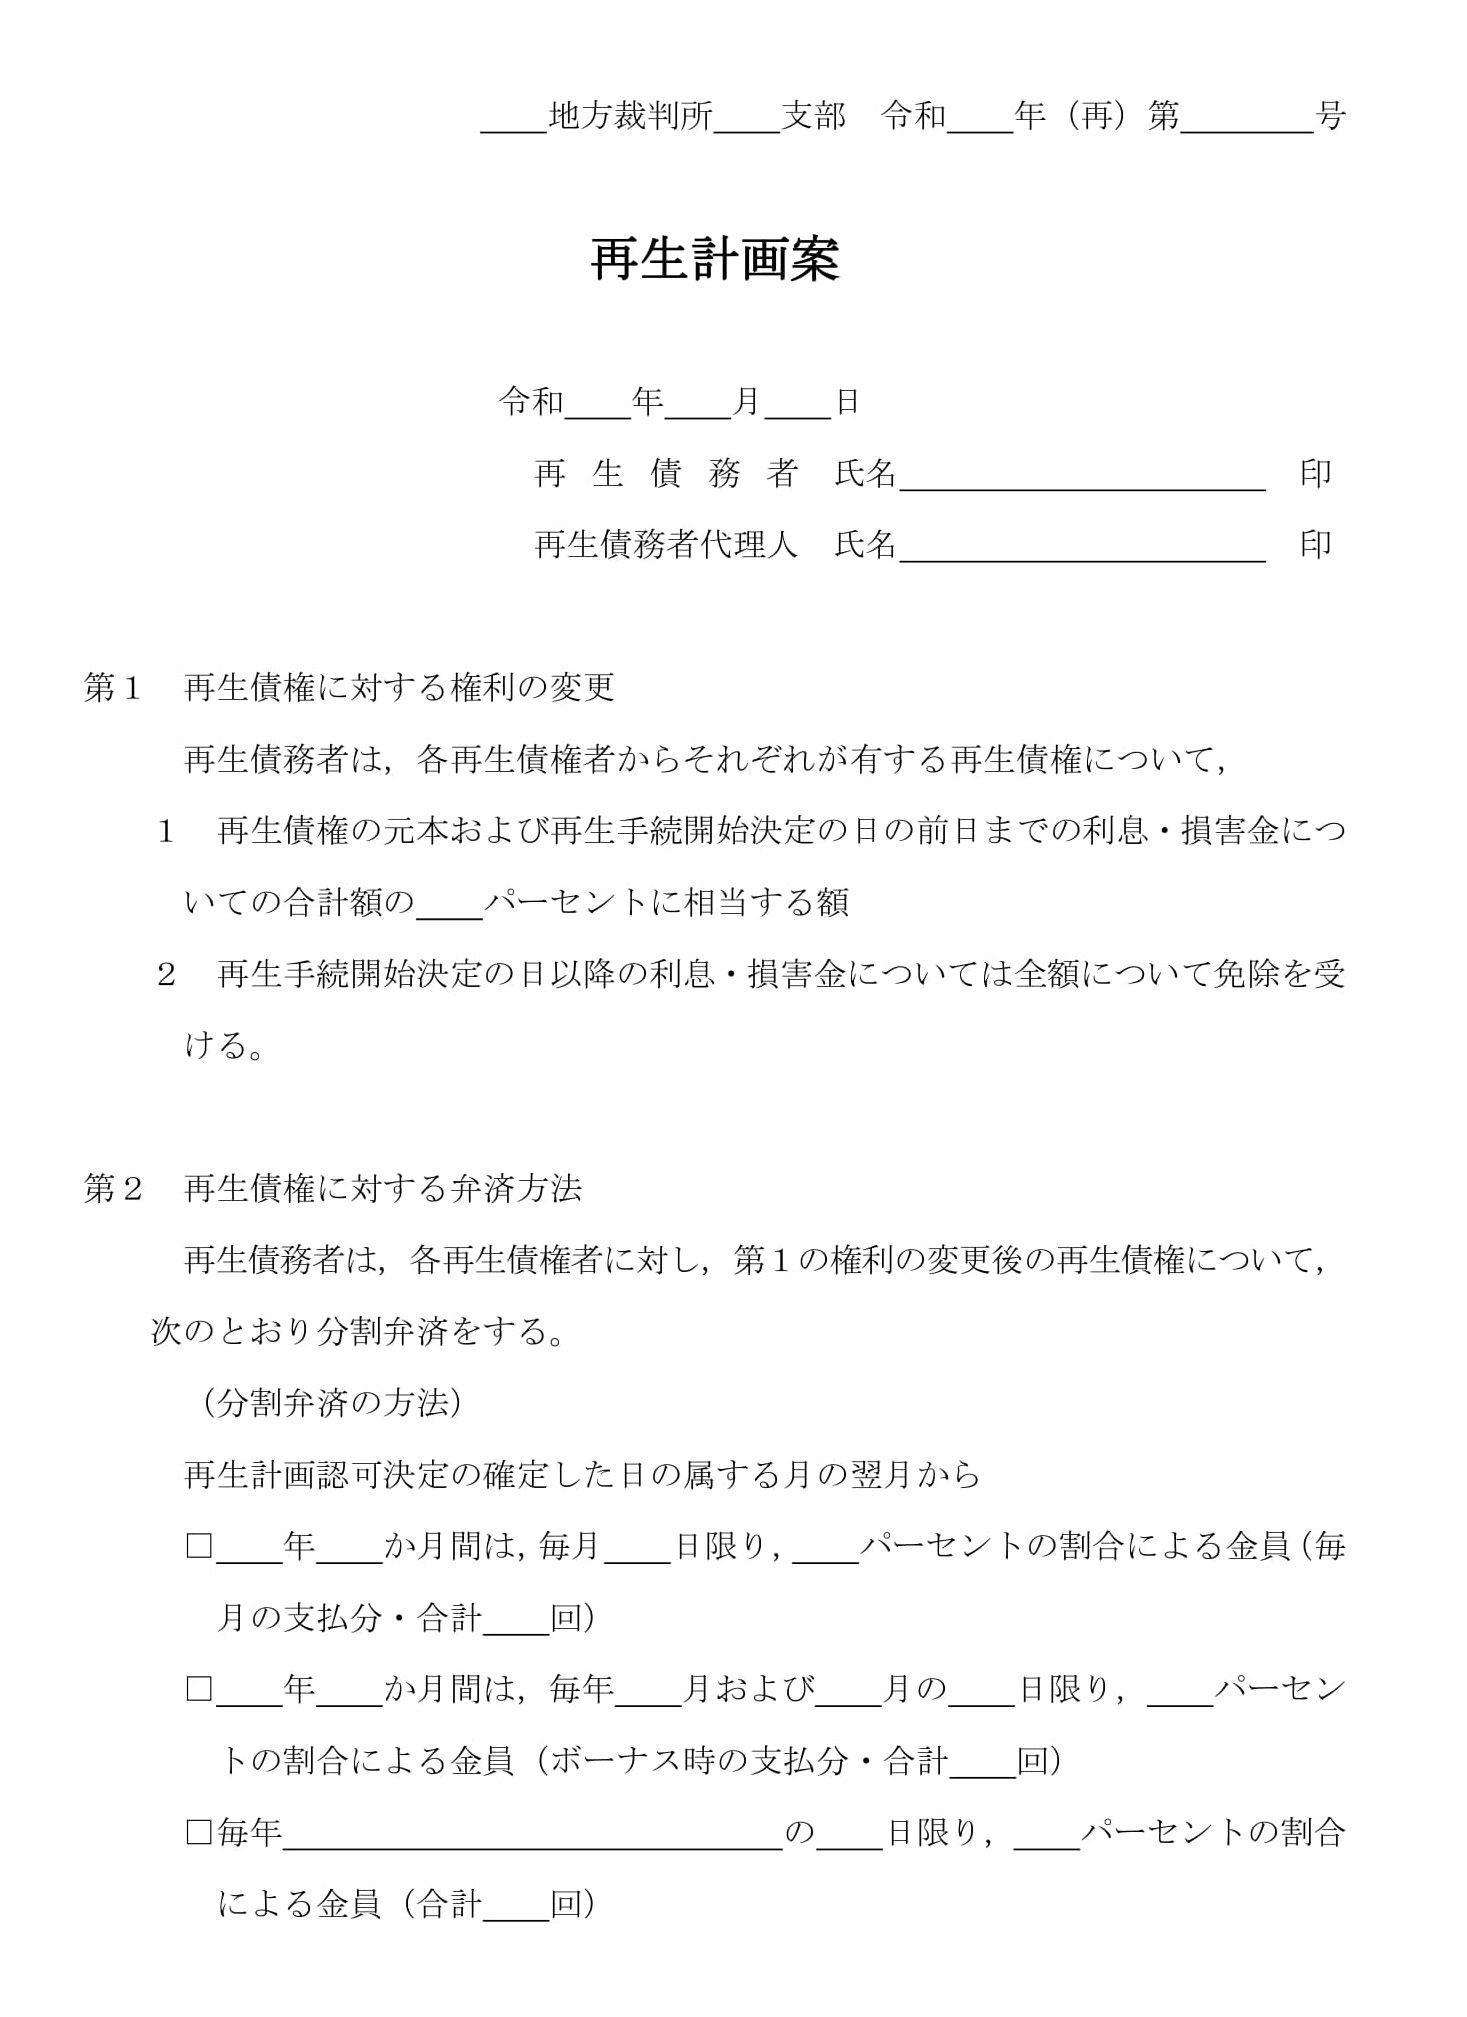 会員登録不要で無料でダウンロードできる再生計画案04のテンプレート書式